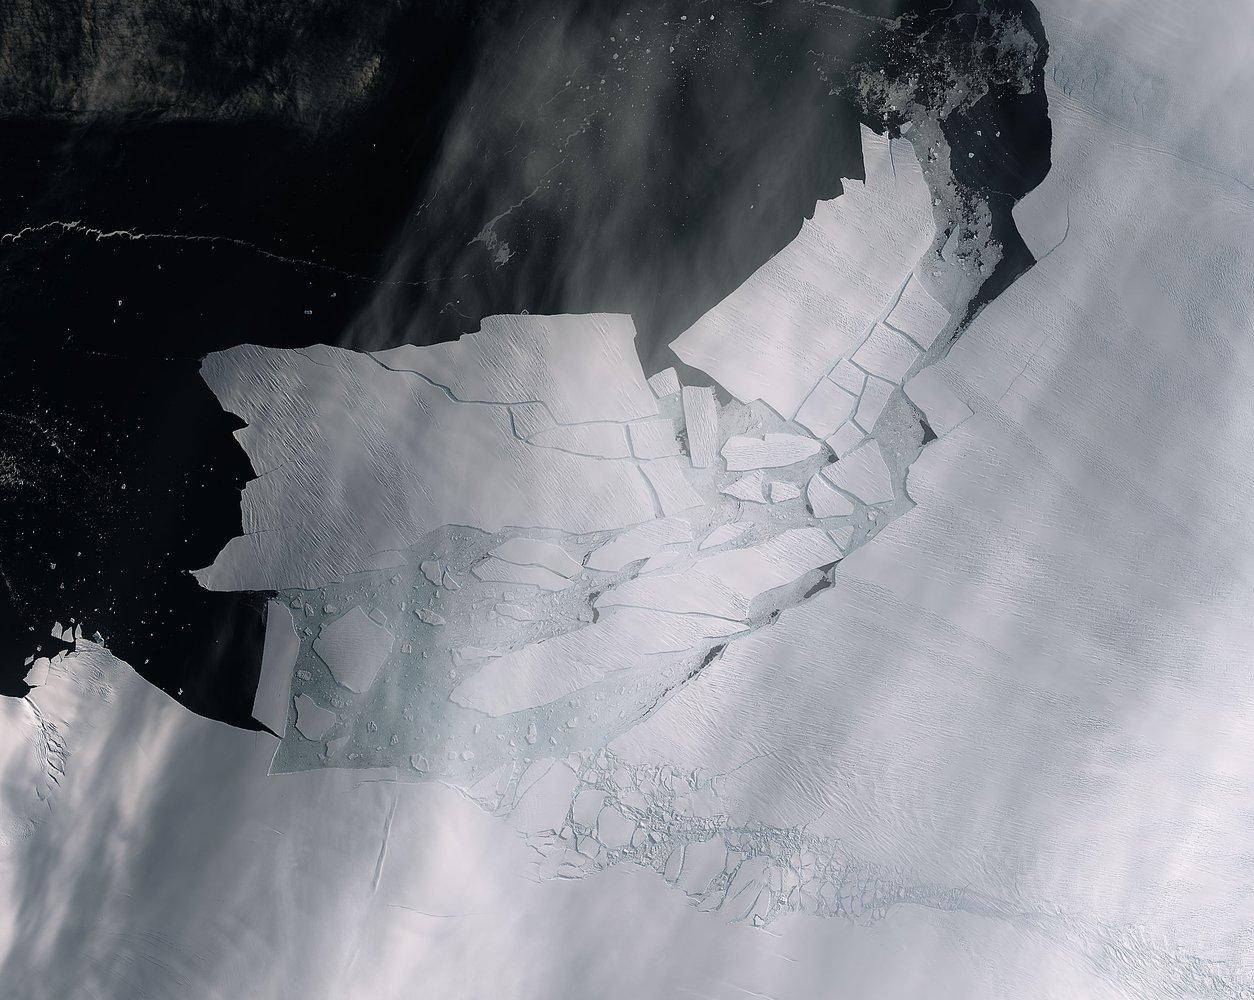 Масив льоду розміром майже з Харків відколовся від Антарктиди - зміна клімату, глобальні зміни клімату, глобальна зміна клімату, Антарктика - 14 led